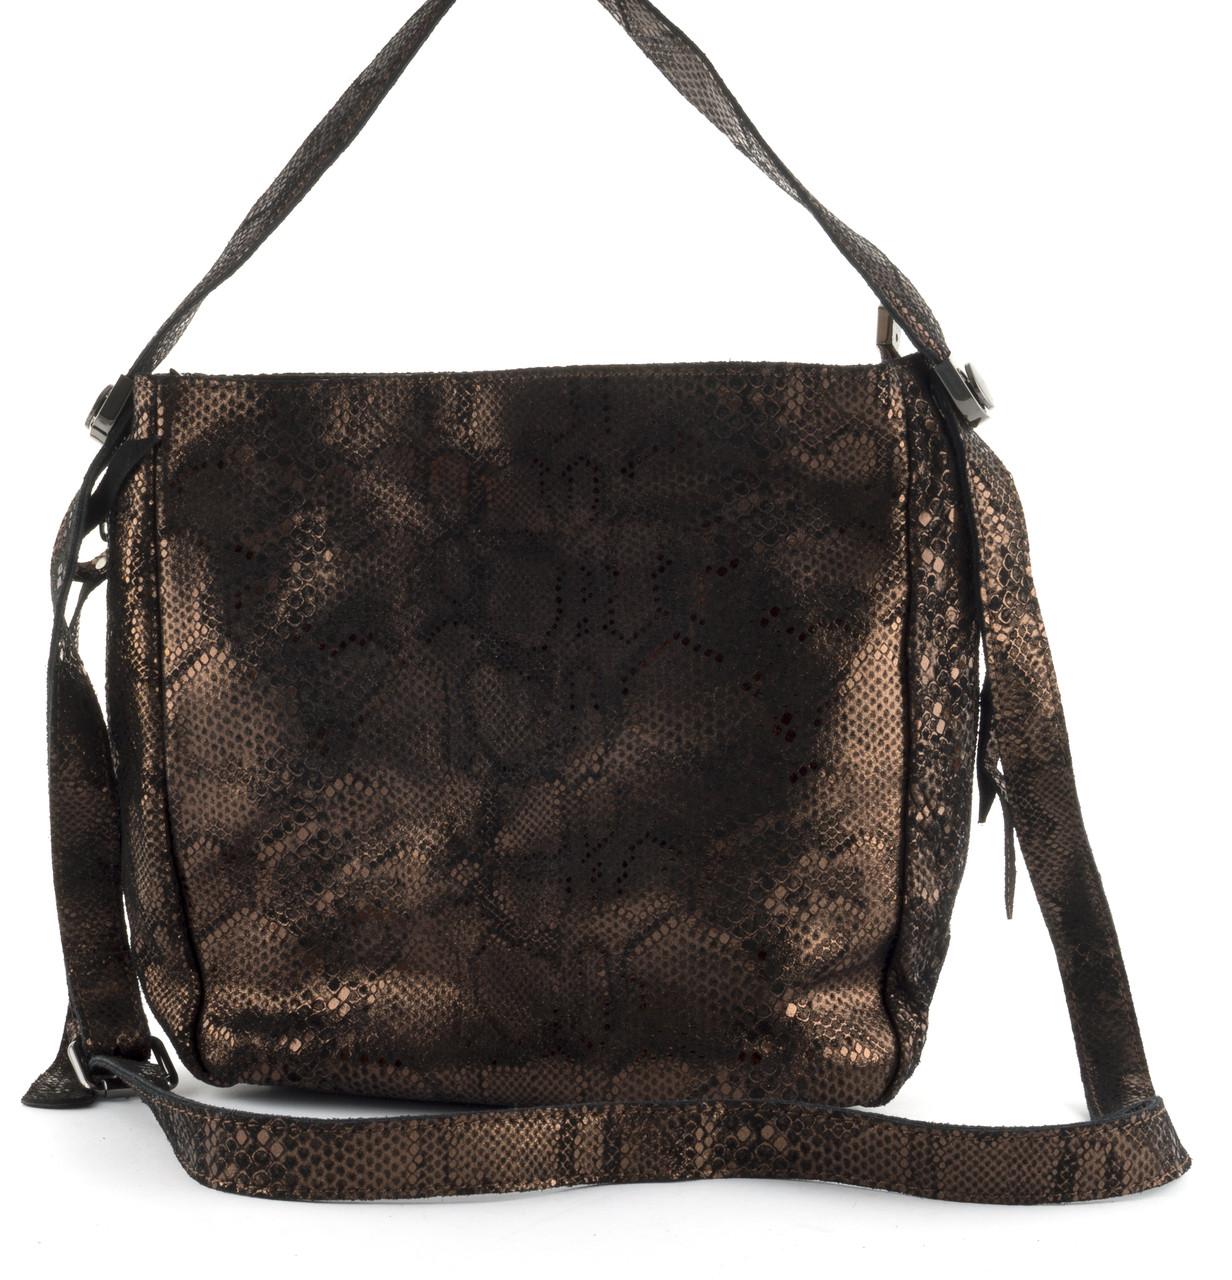 ed70c9094f50 Стильная женская мягкая сумка из натуральной кожи с лазерной обработкой  PRINCESSA art. 7592 золотистая